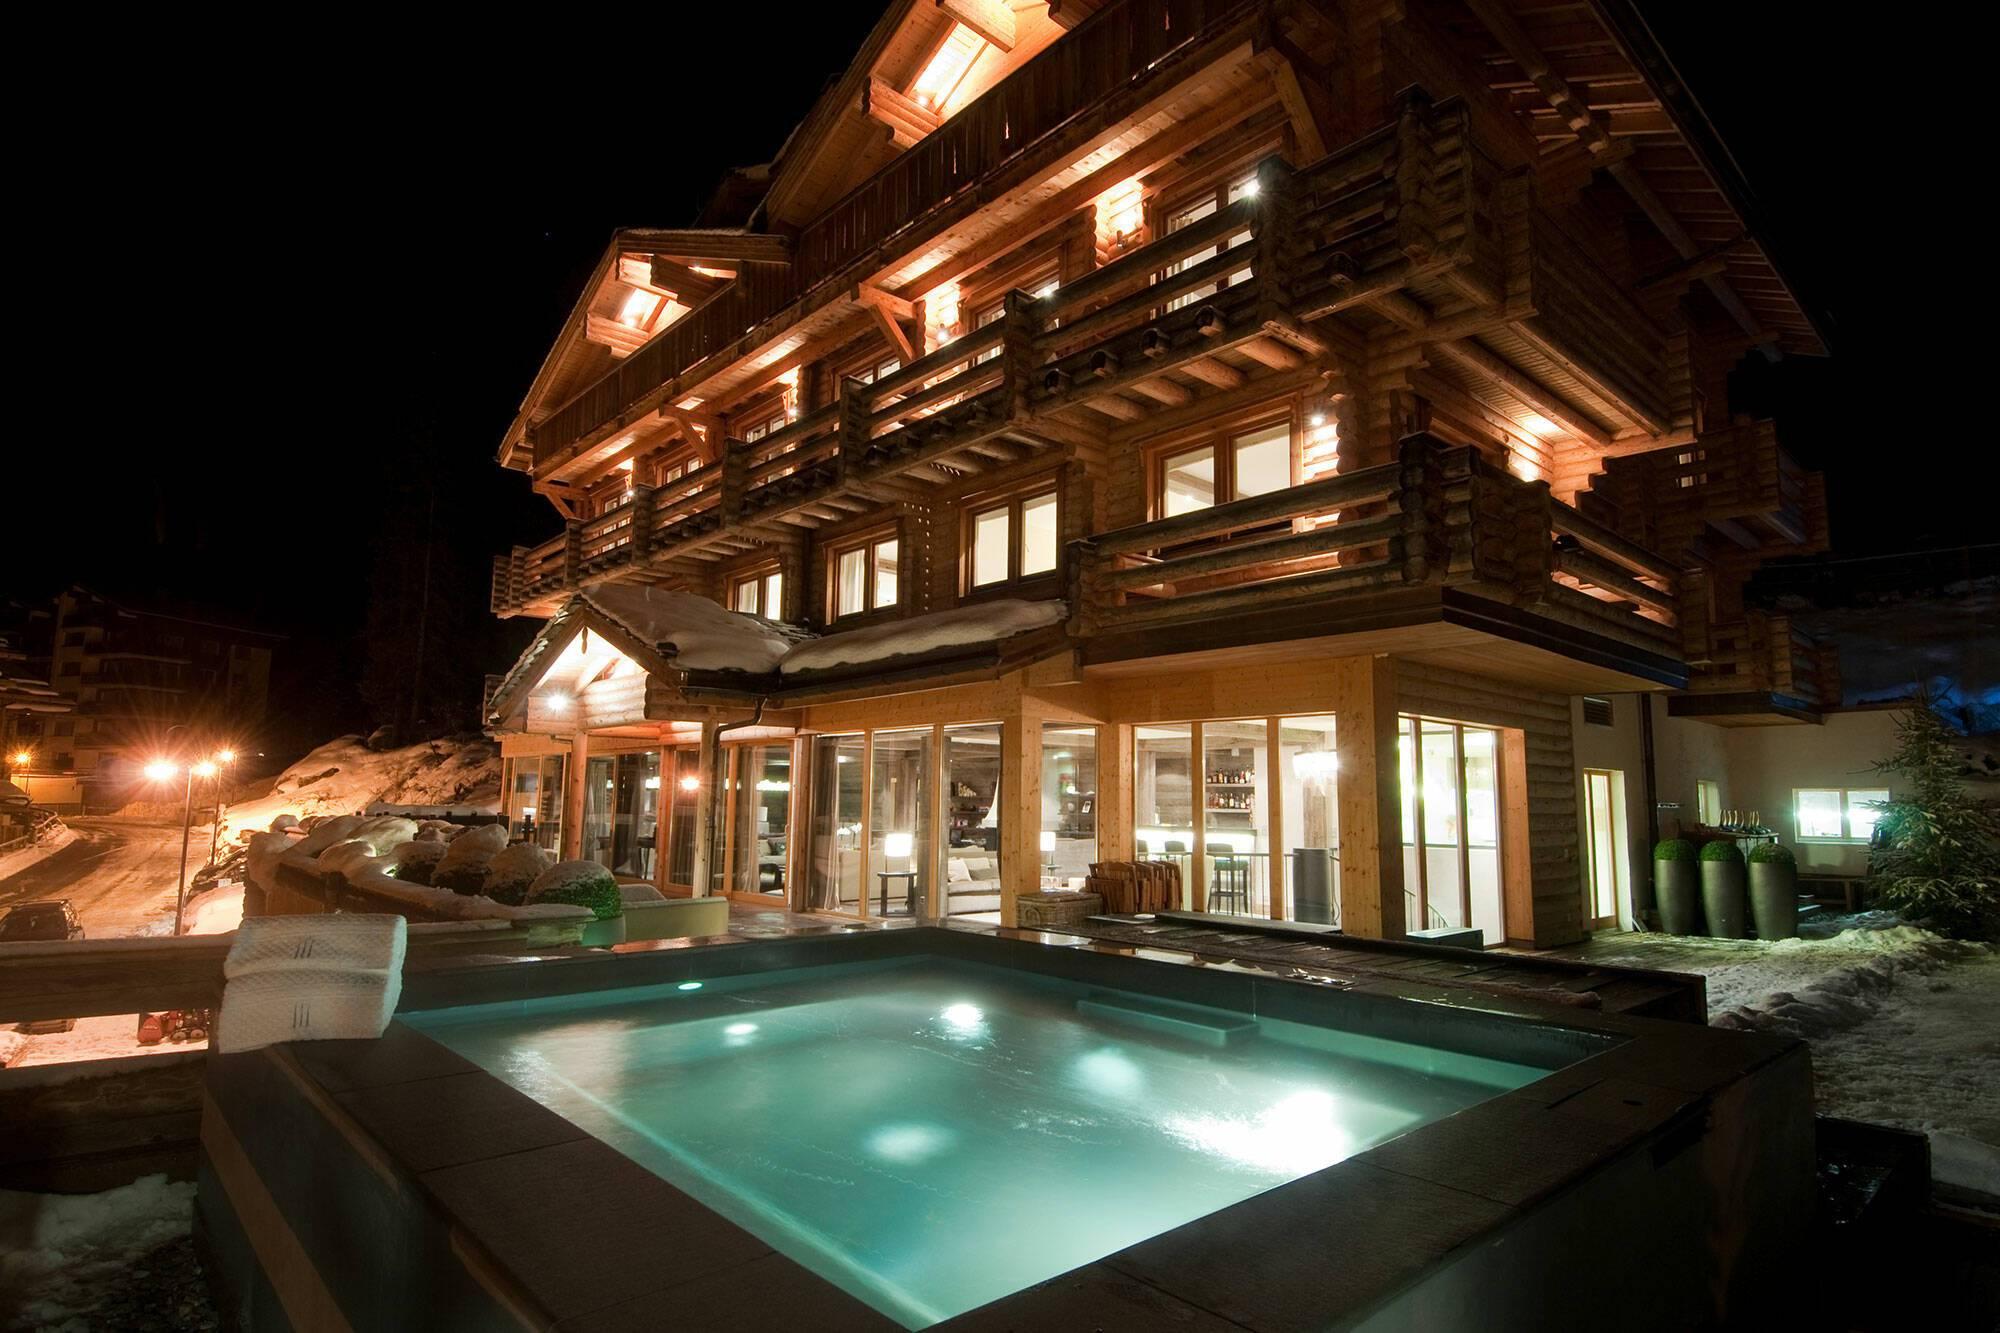 The Lodge Verbier Suisse Virgin Hot Tub